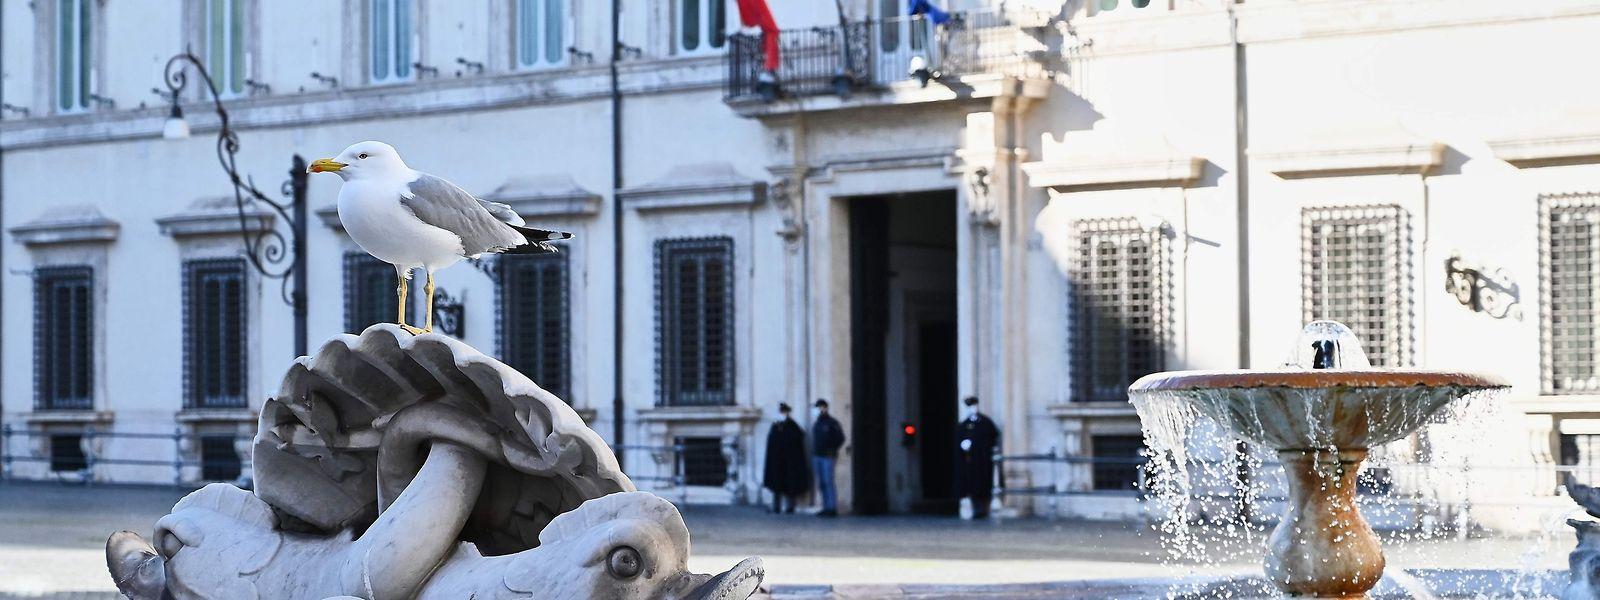 Der Regierungssitz Palazzo Chigi in Rom. Mitten in der Corona-Krise ist in Italien die Regierung von Ministerpräsident Giuseppe Conte geplatzt.